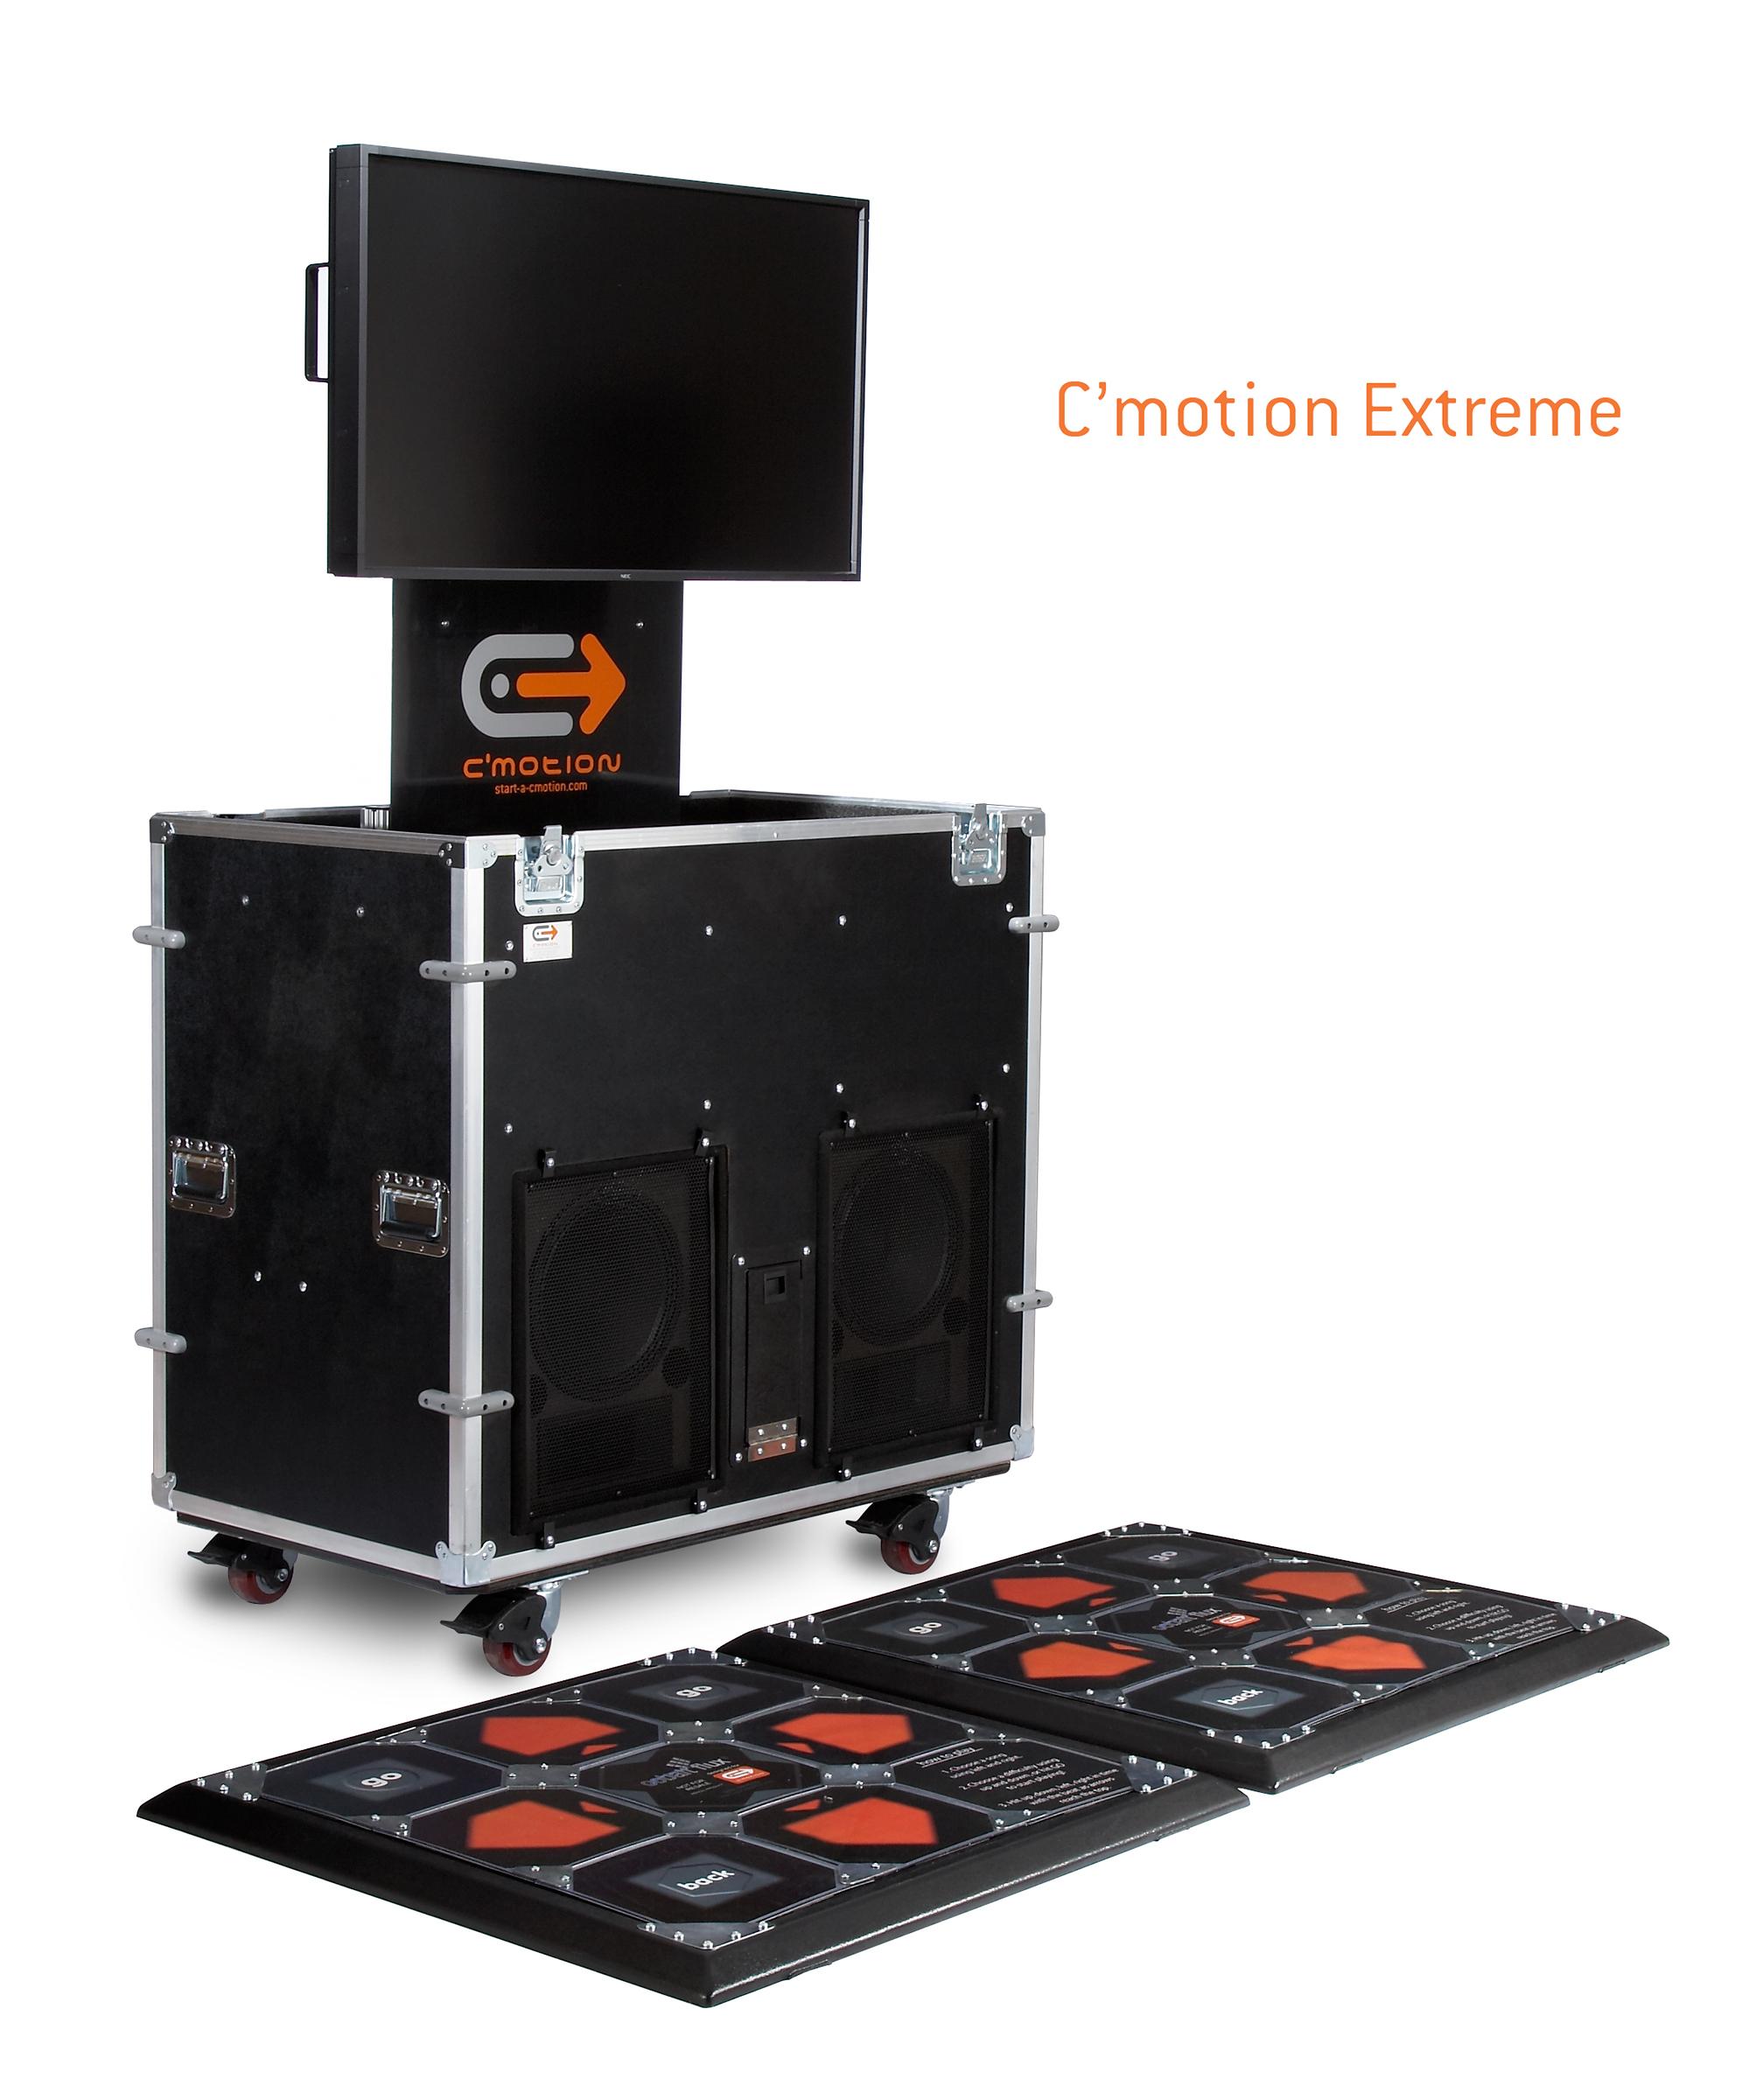 C'motion Extreme